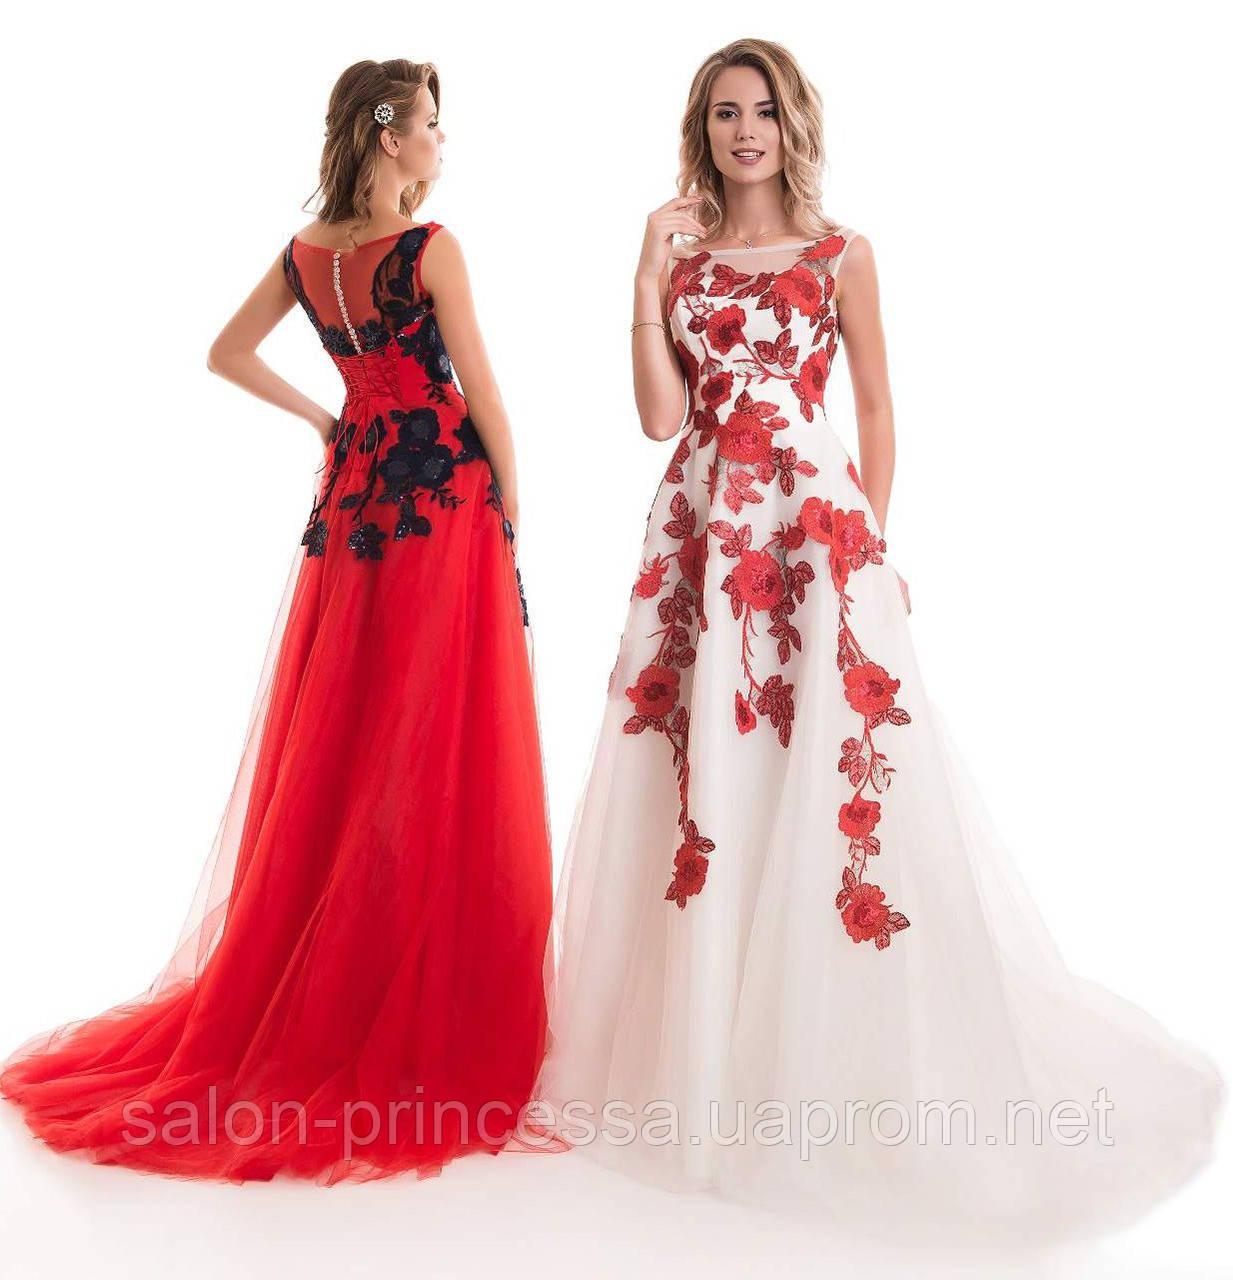 0d2f3d498cd Вечернее нарядное платье для выпускного вечера